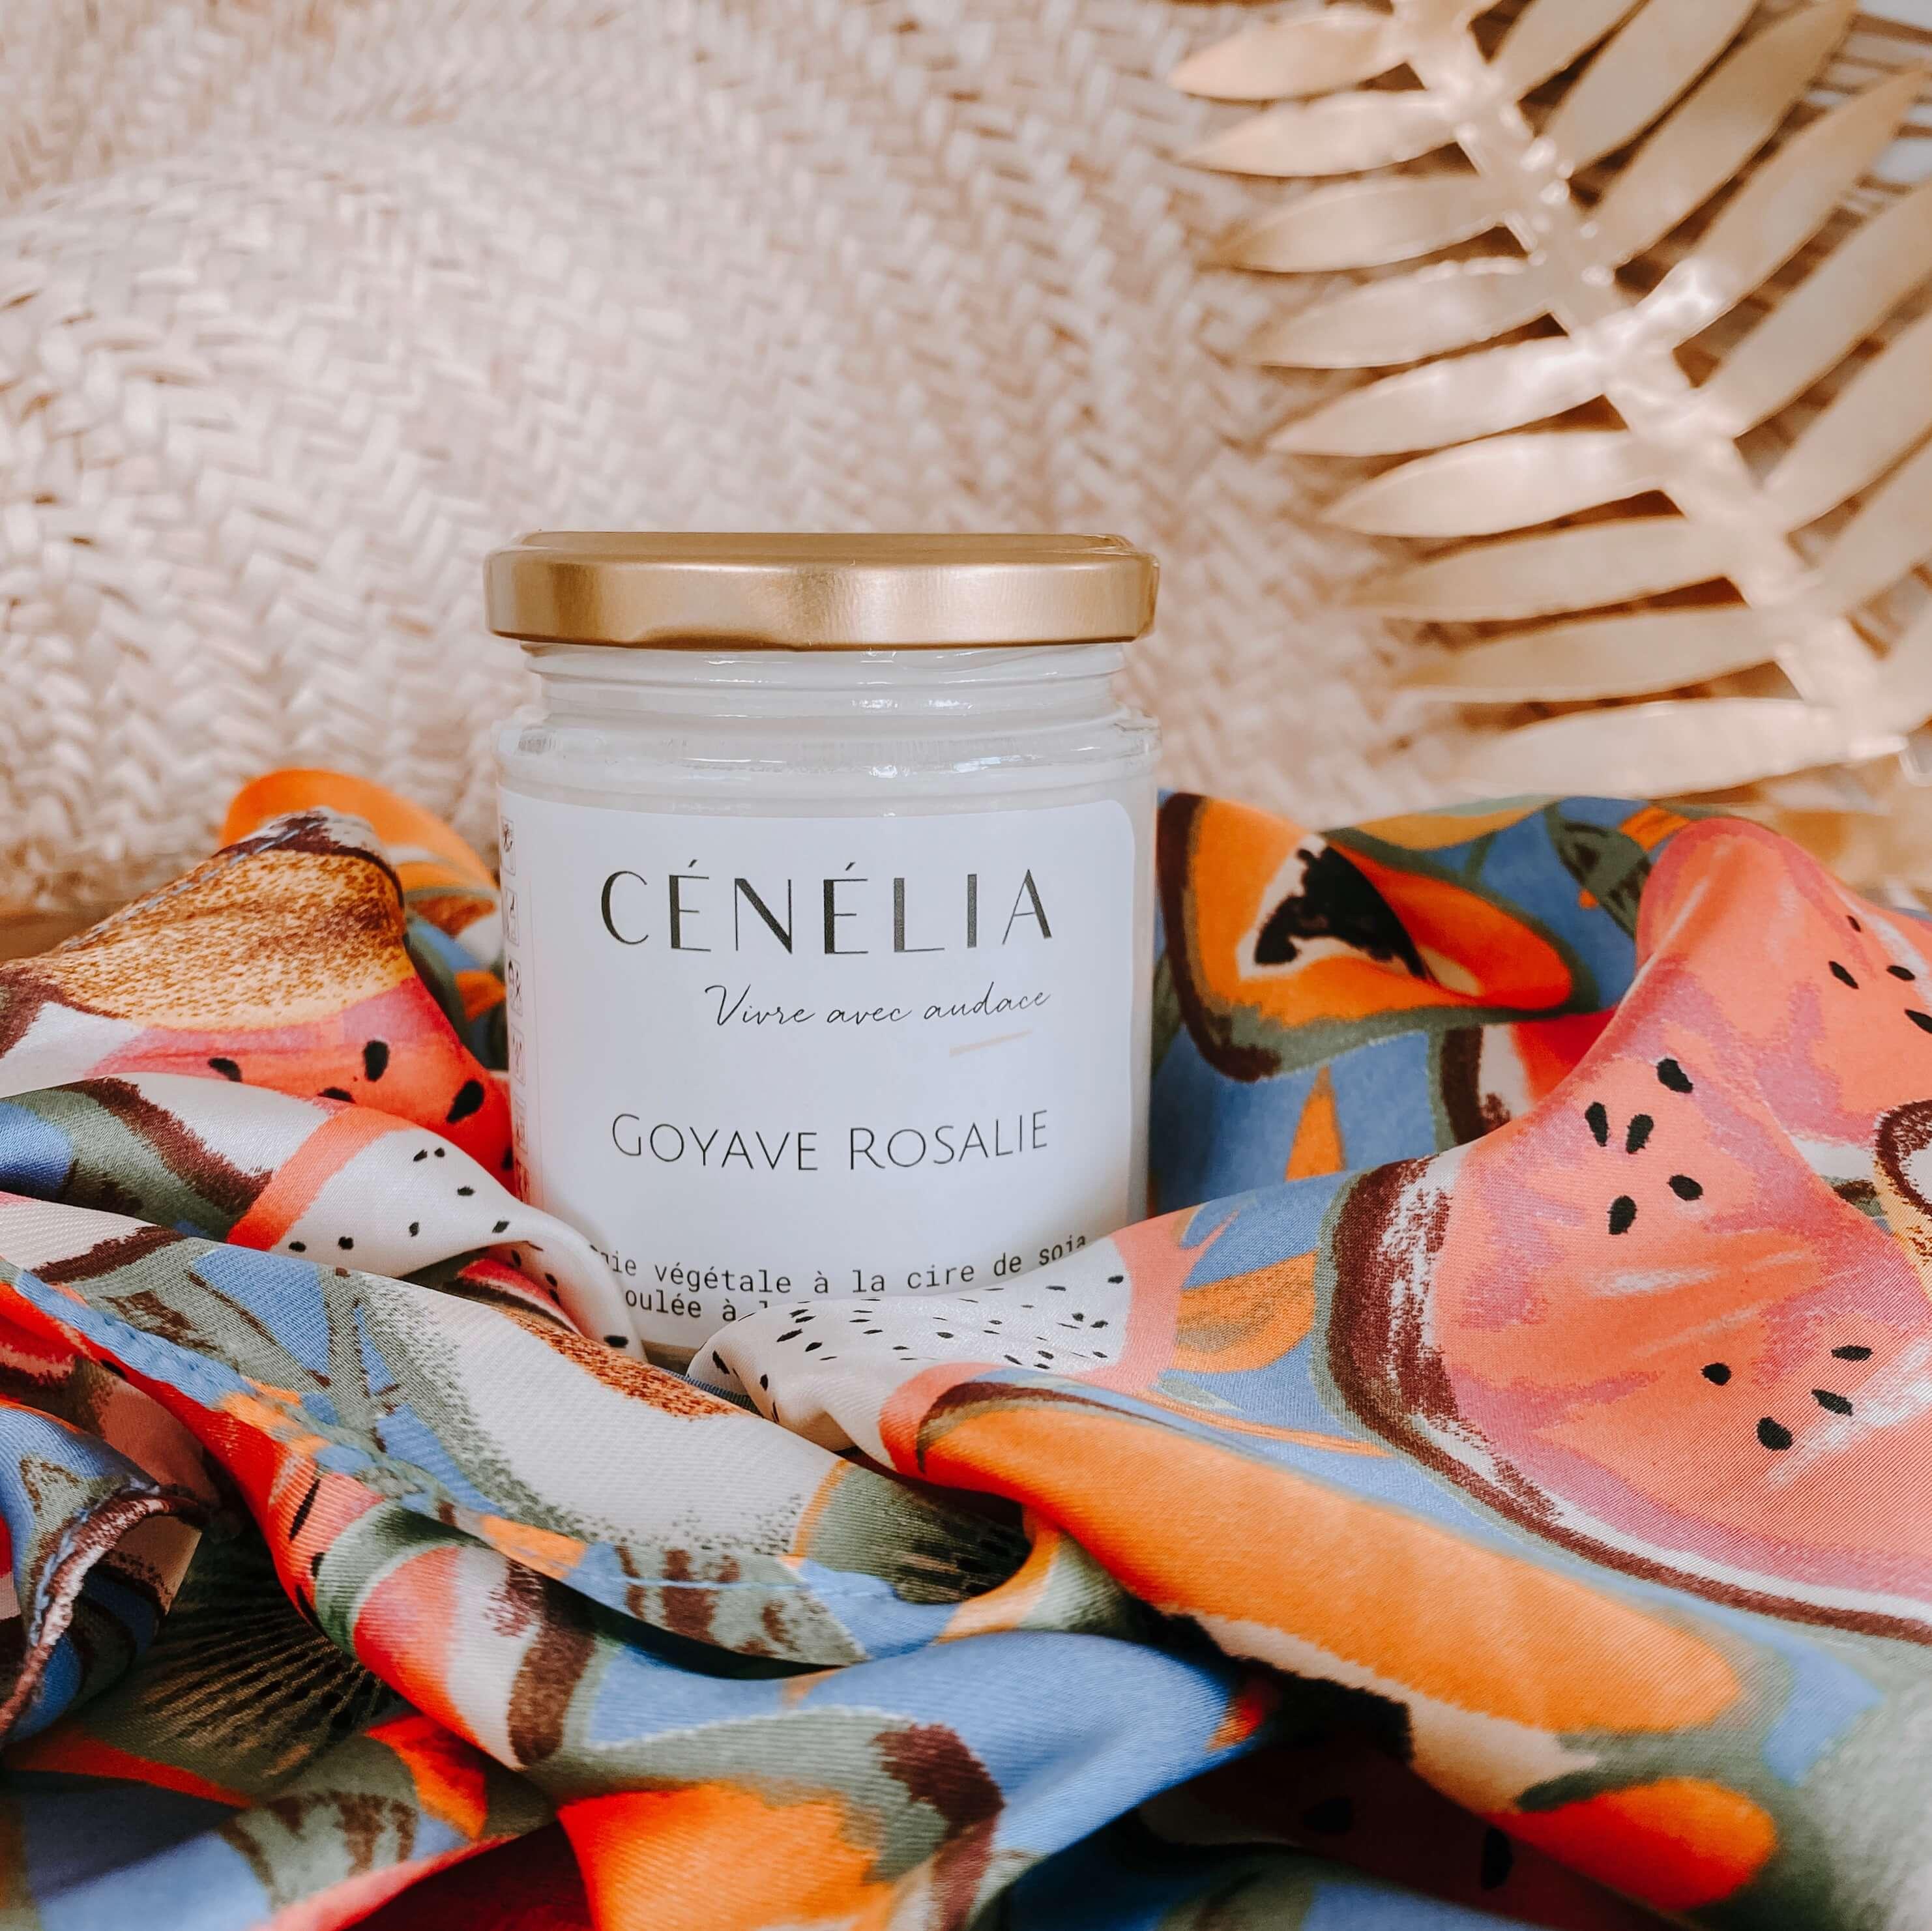 bougie à la goyave - Cénélia